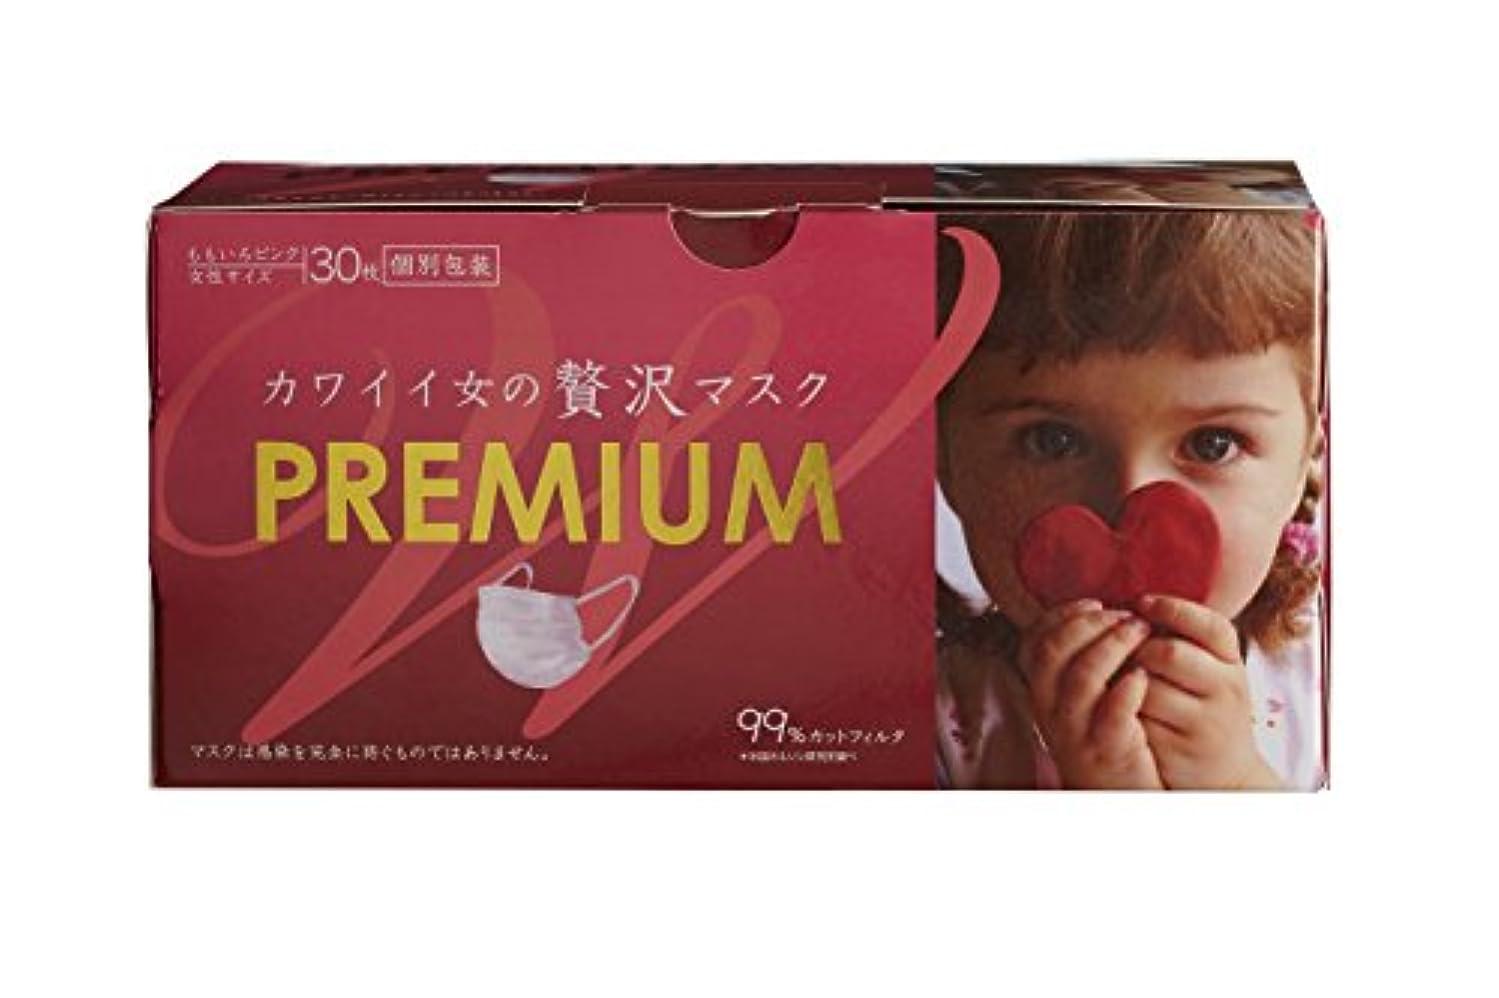 ミリメートルマンハッタン創傷カワイイ女の贅沢マスク プレミアム 30枚箱